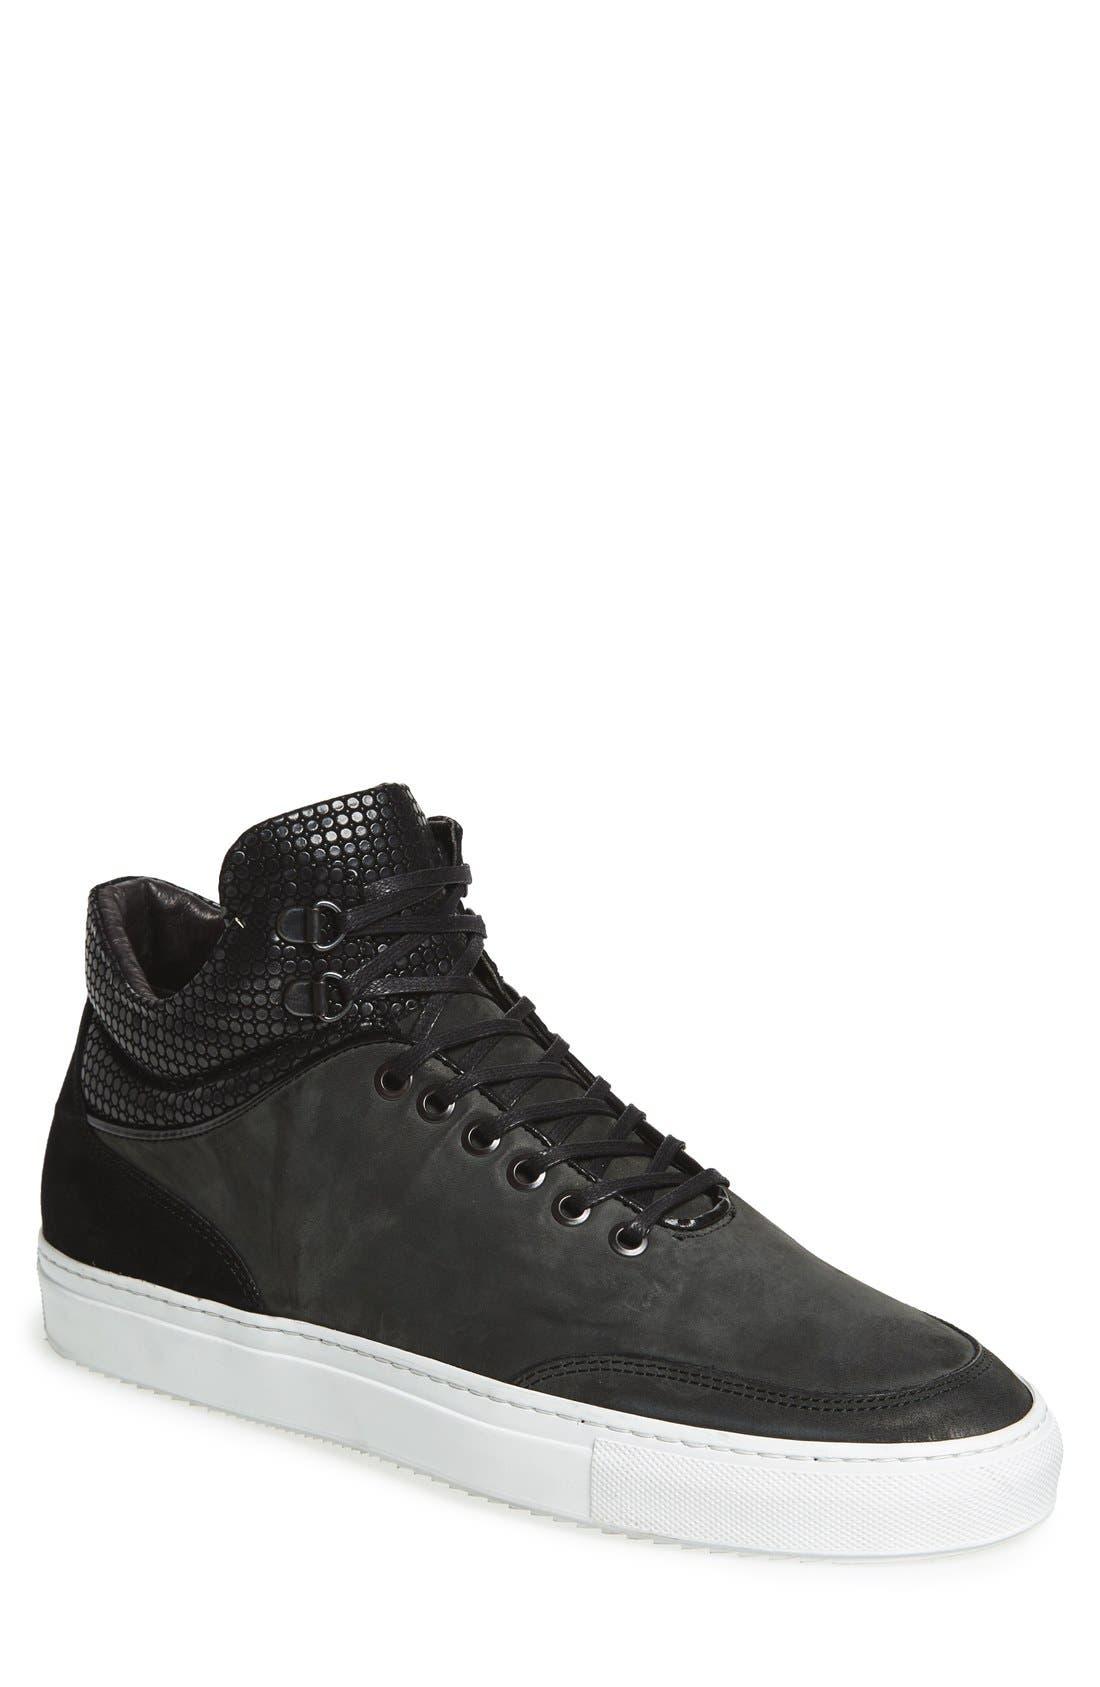 Bacco Bucci Abati High Top Sneaker t58l62m